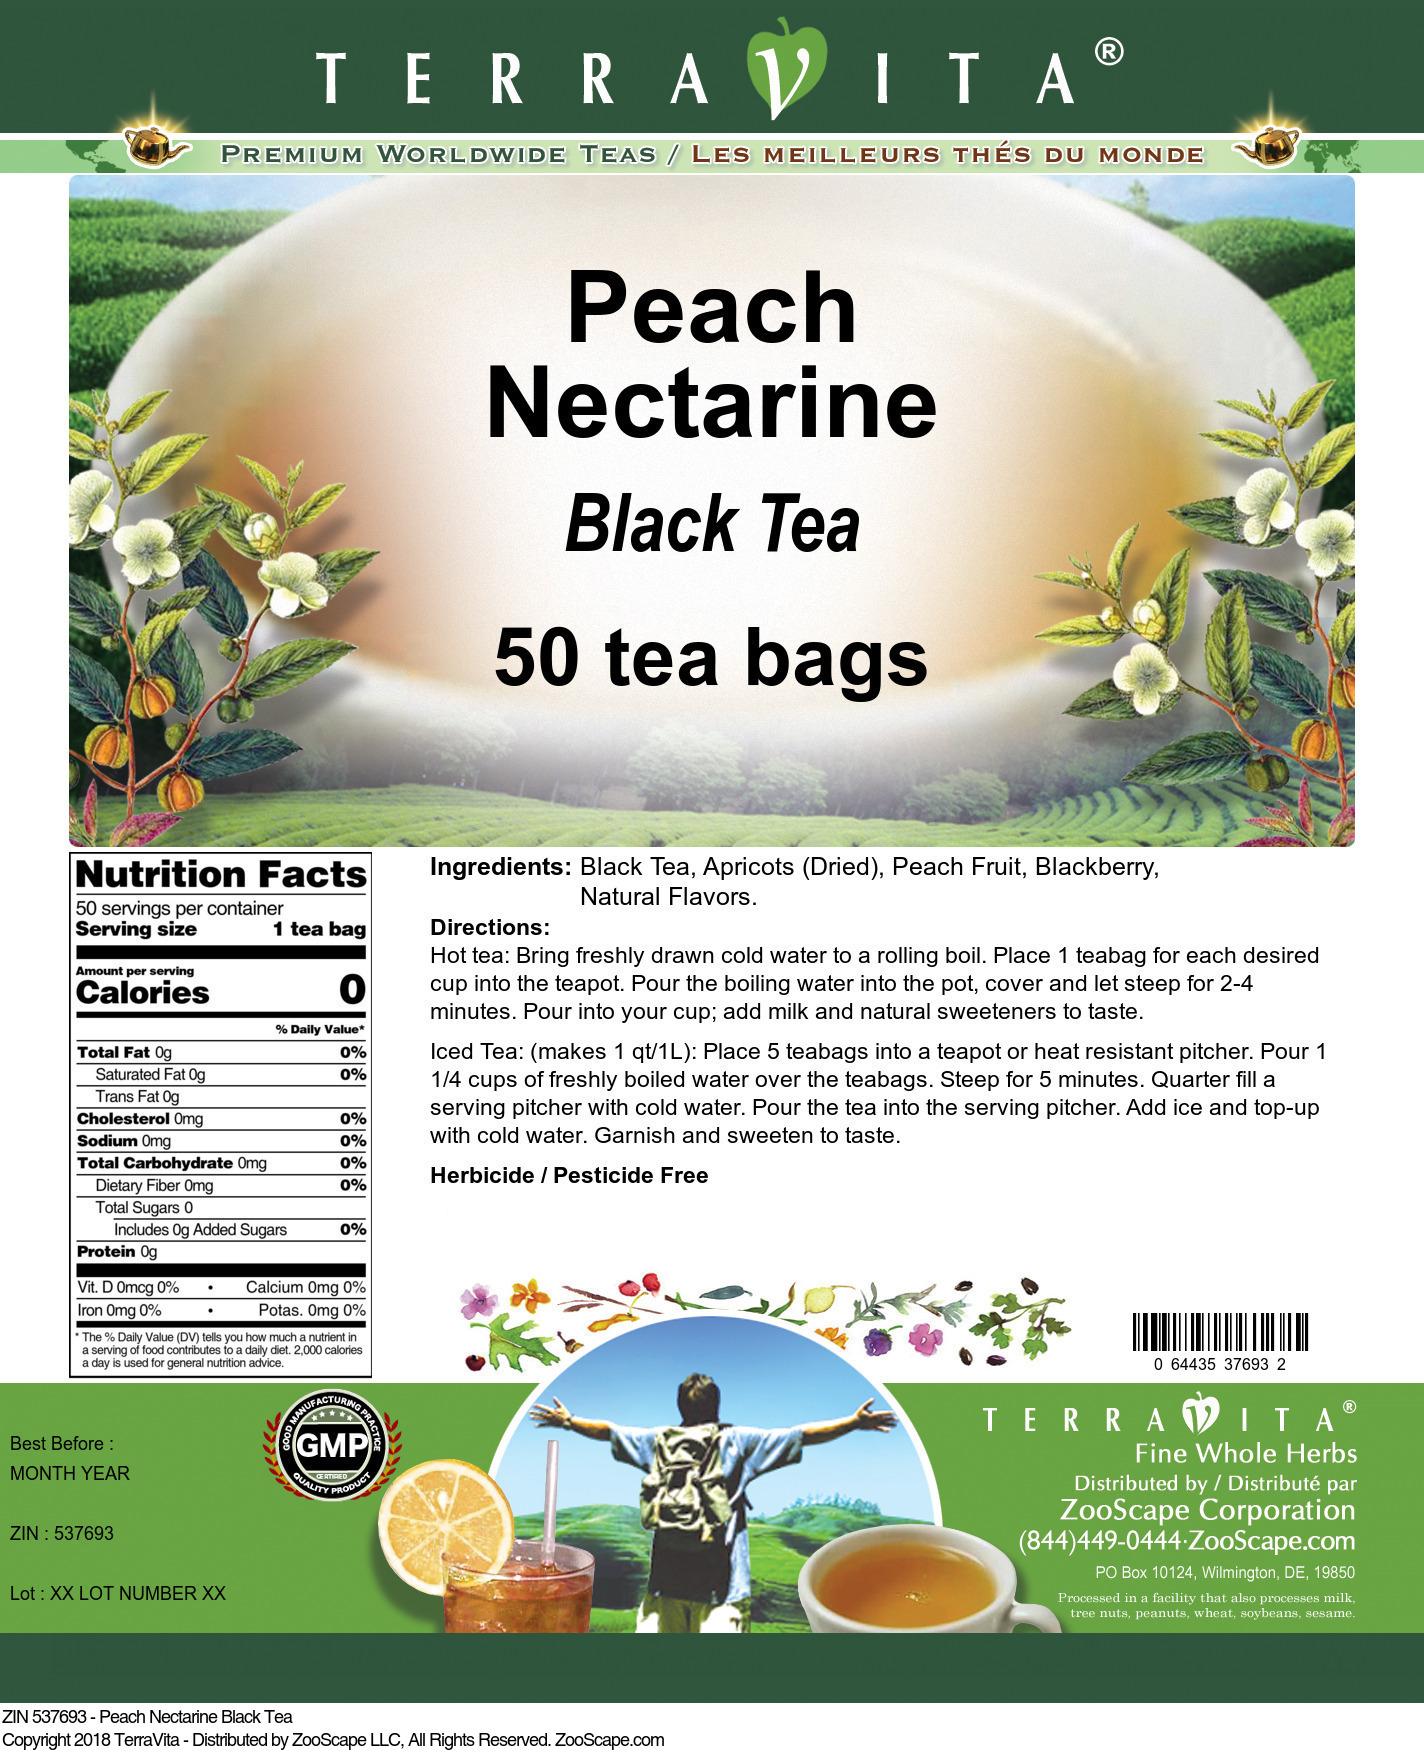 Peach Nectarine Black Tea